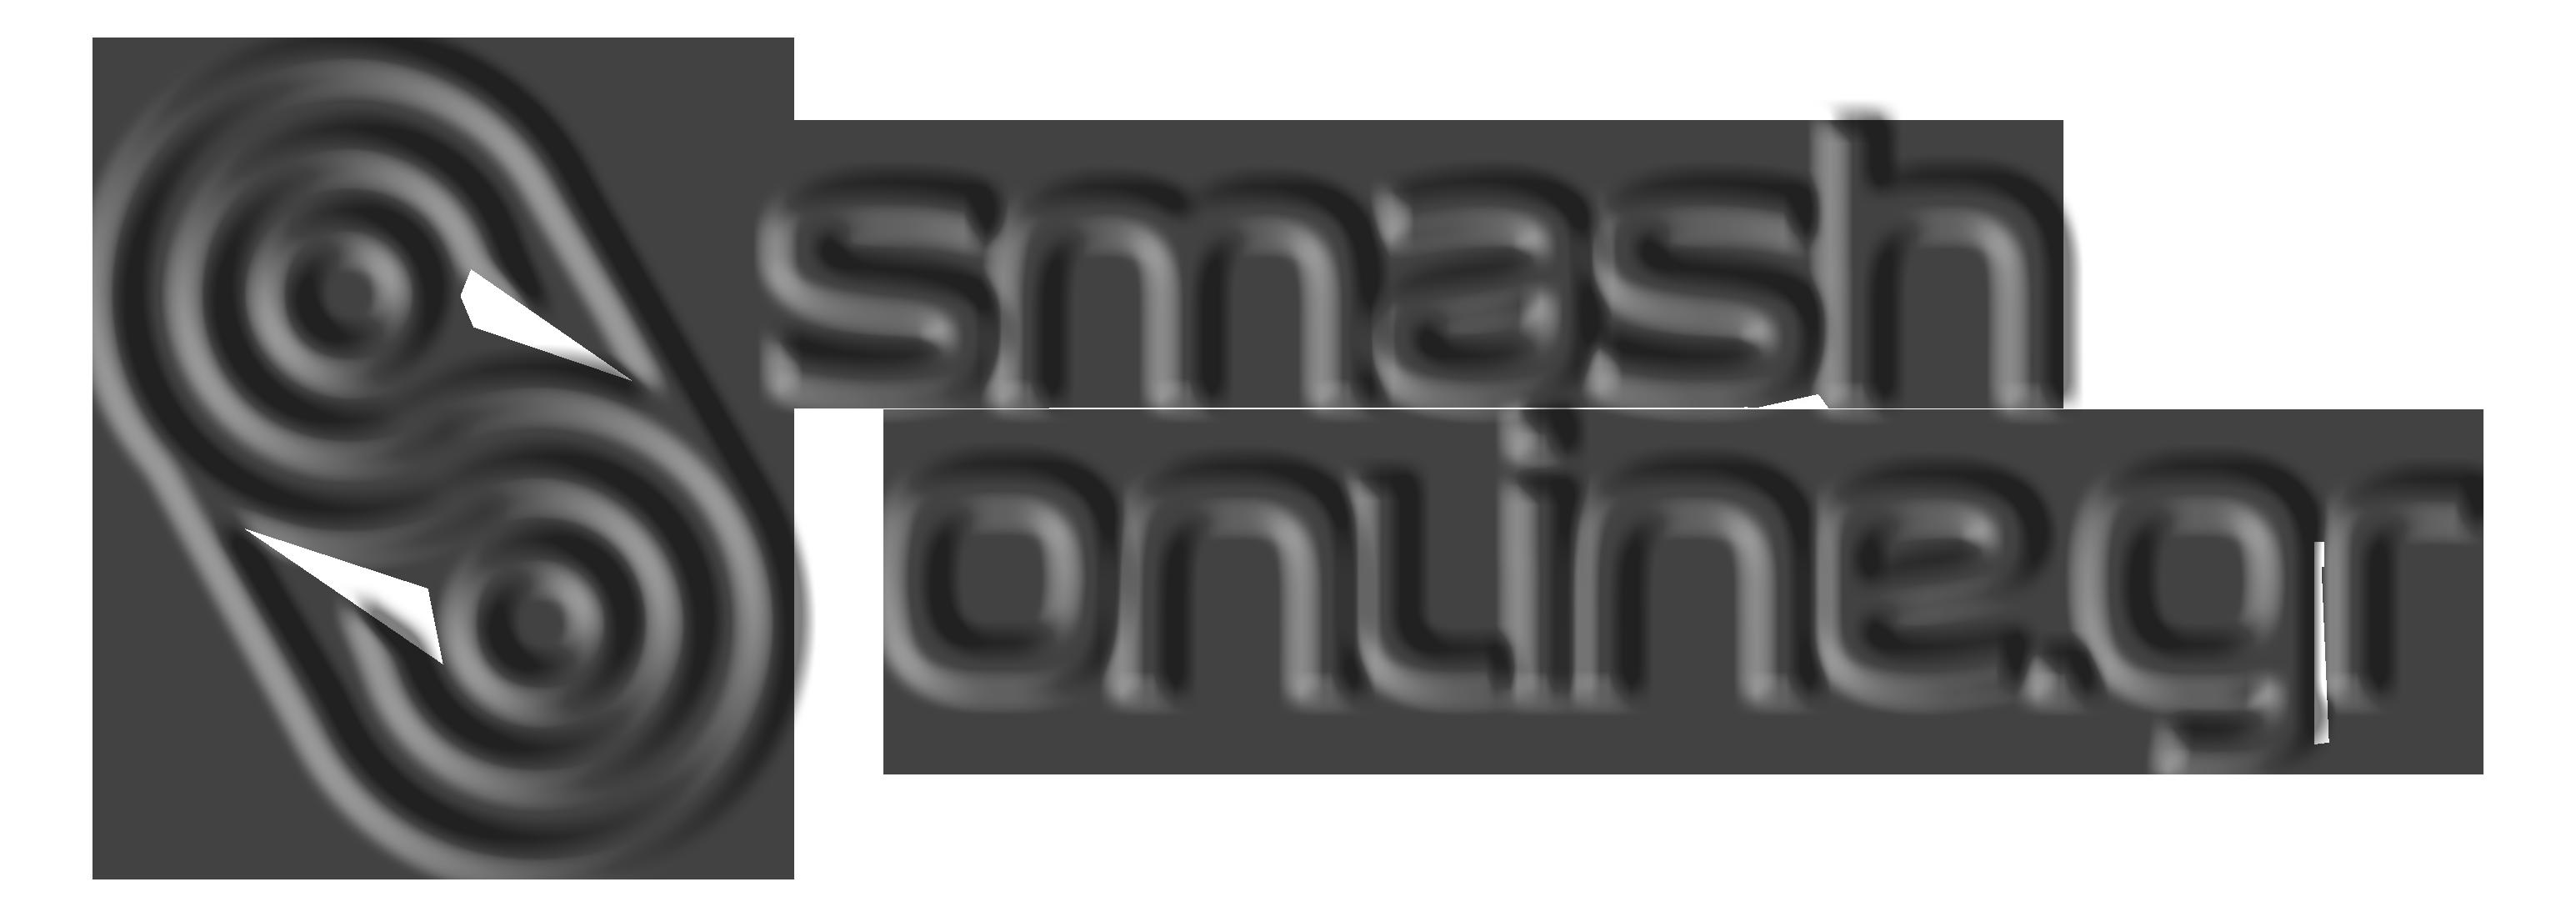 Smashonline.gr